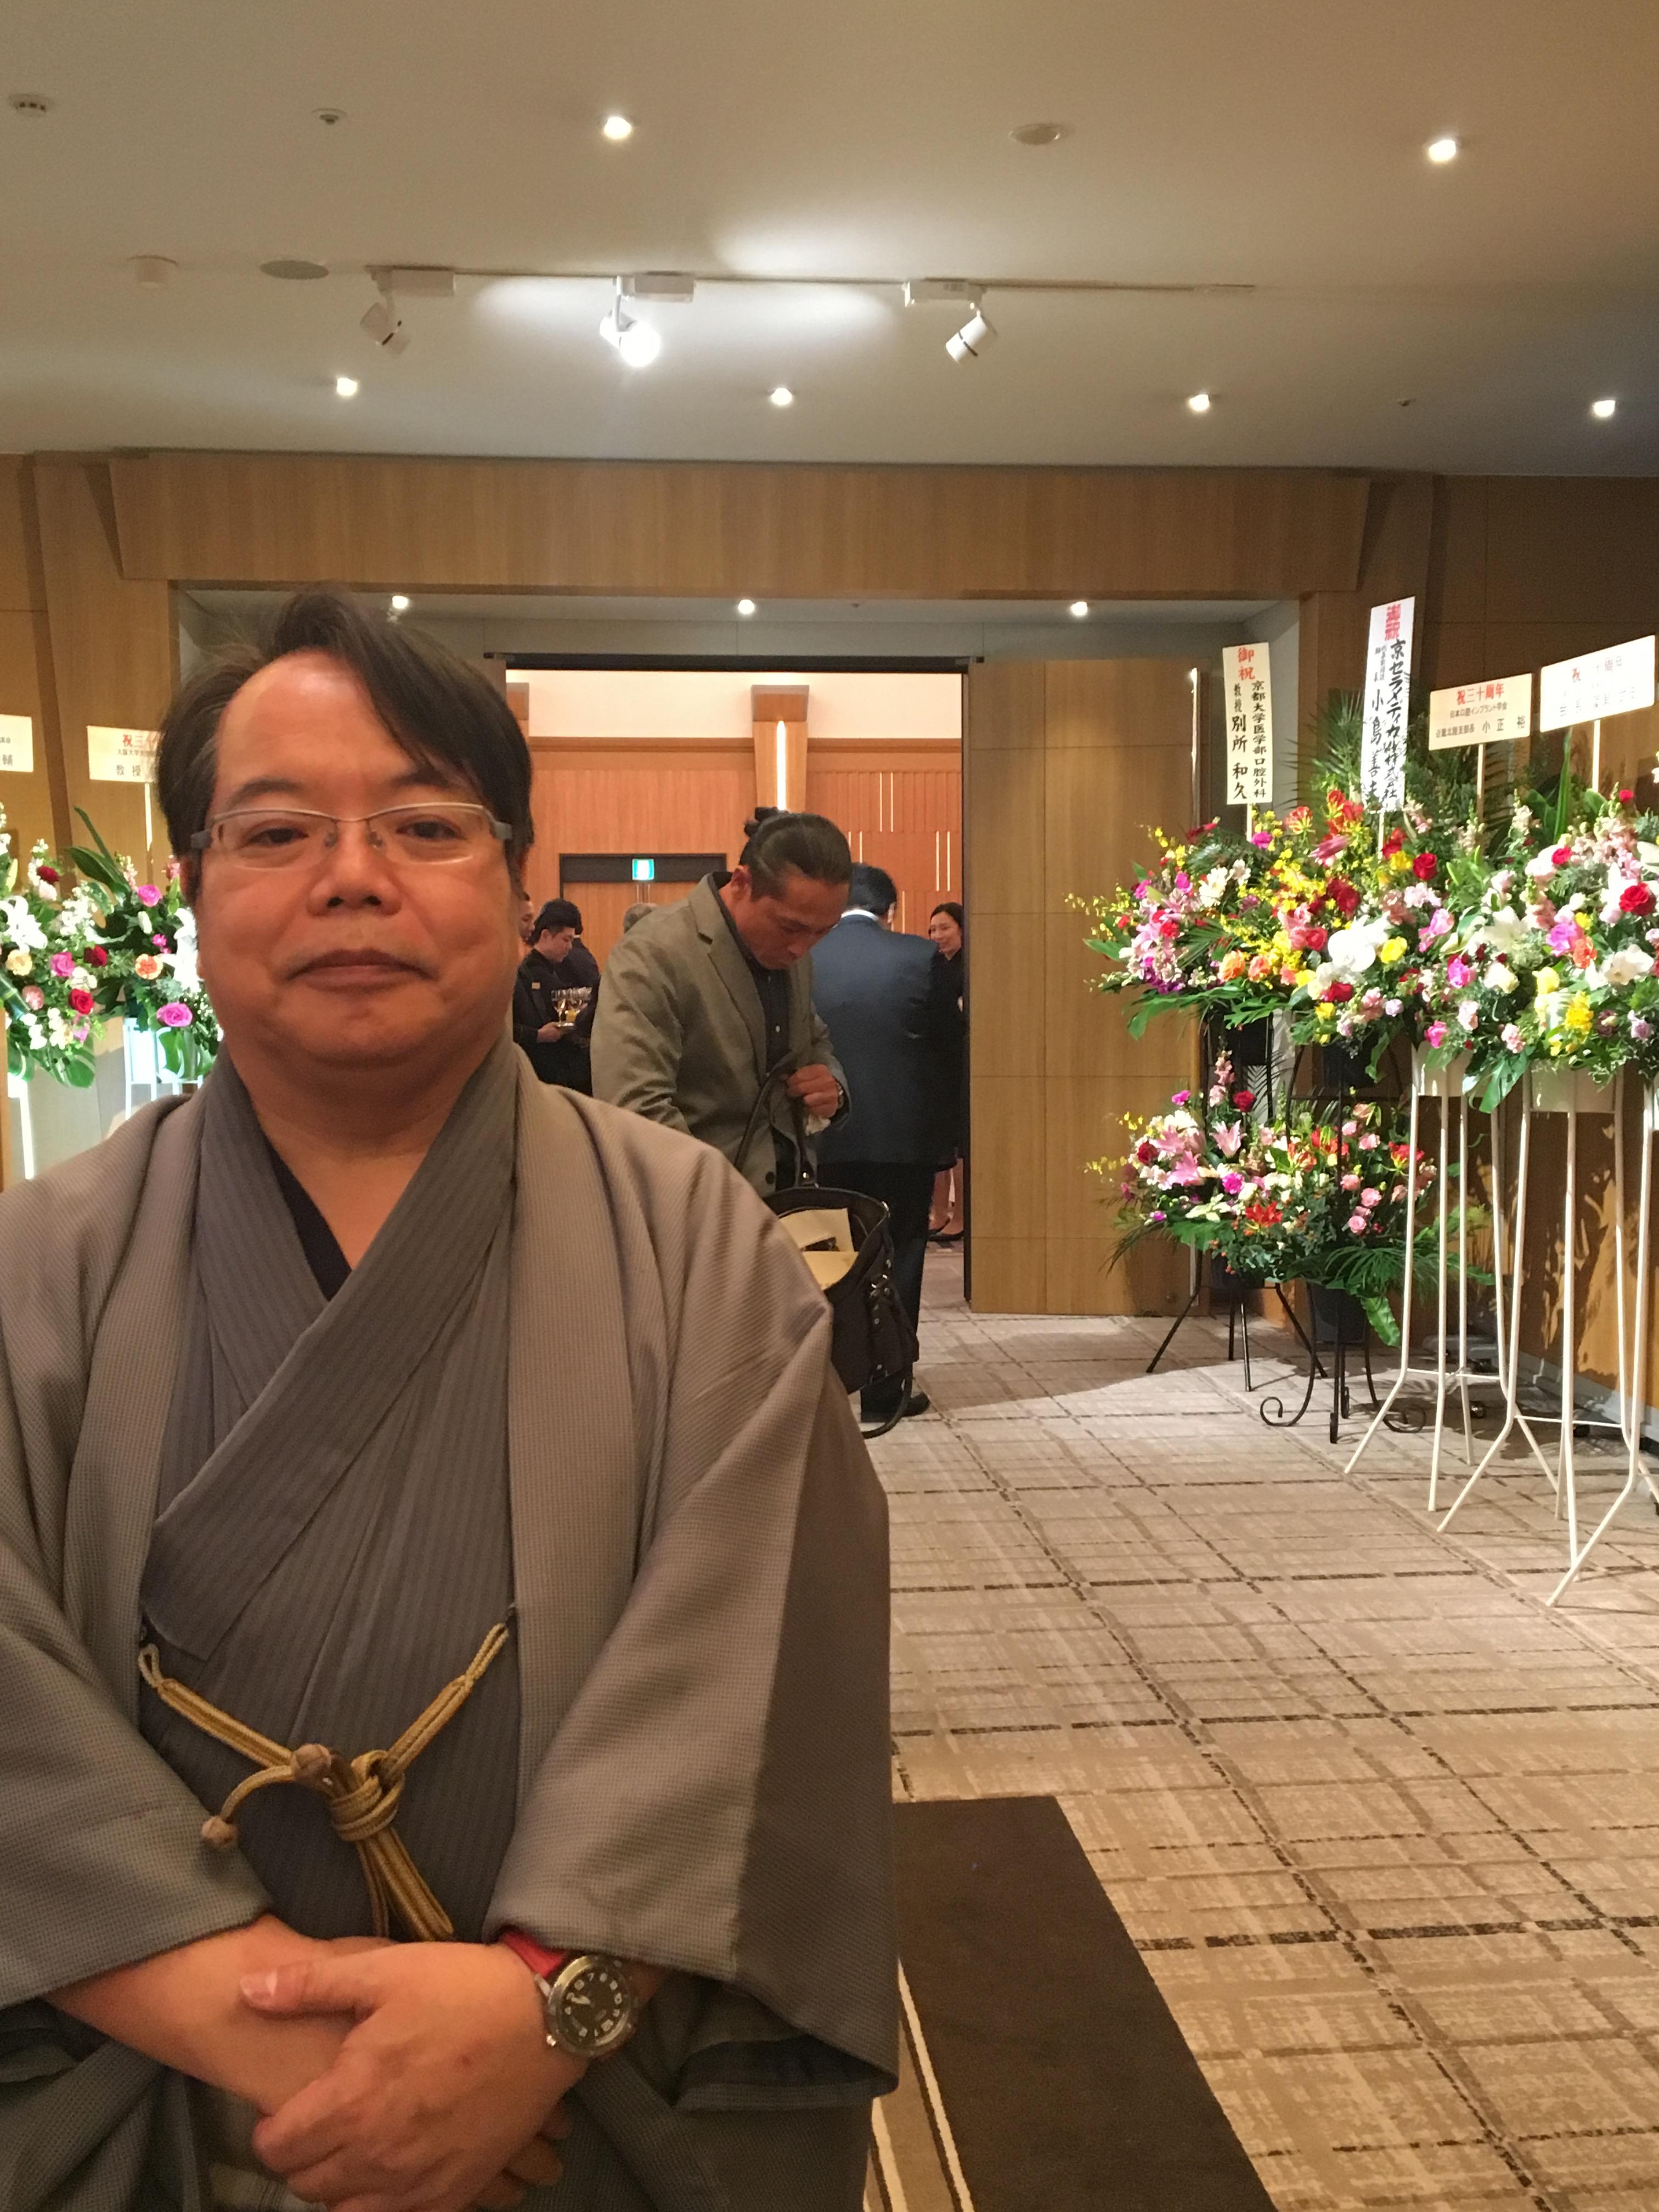 161112大阪インプラント研究会30周年懇親会04 - 大阪インプラント研究会30周年記念